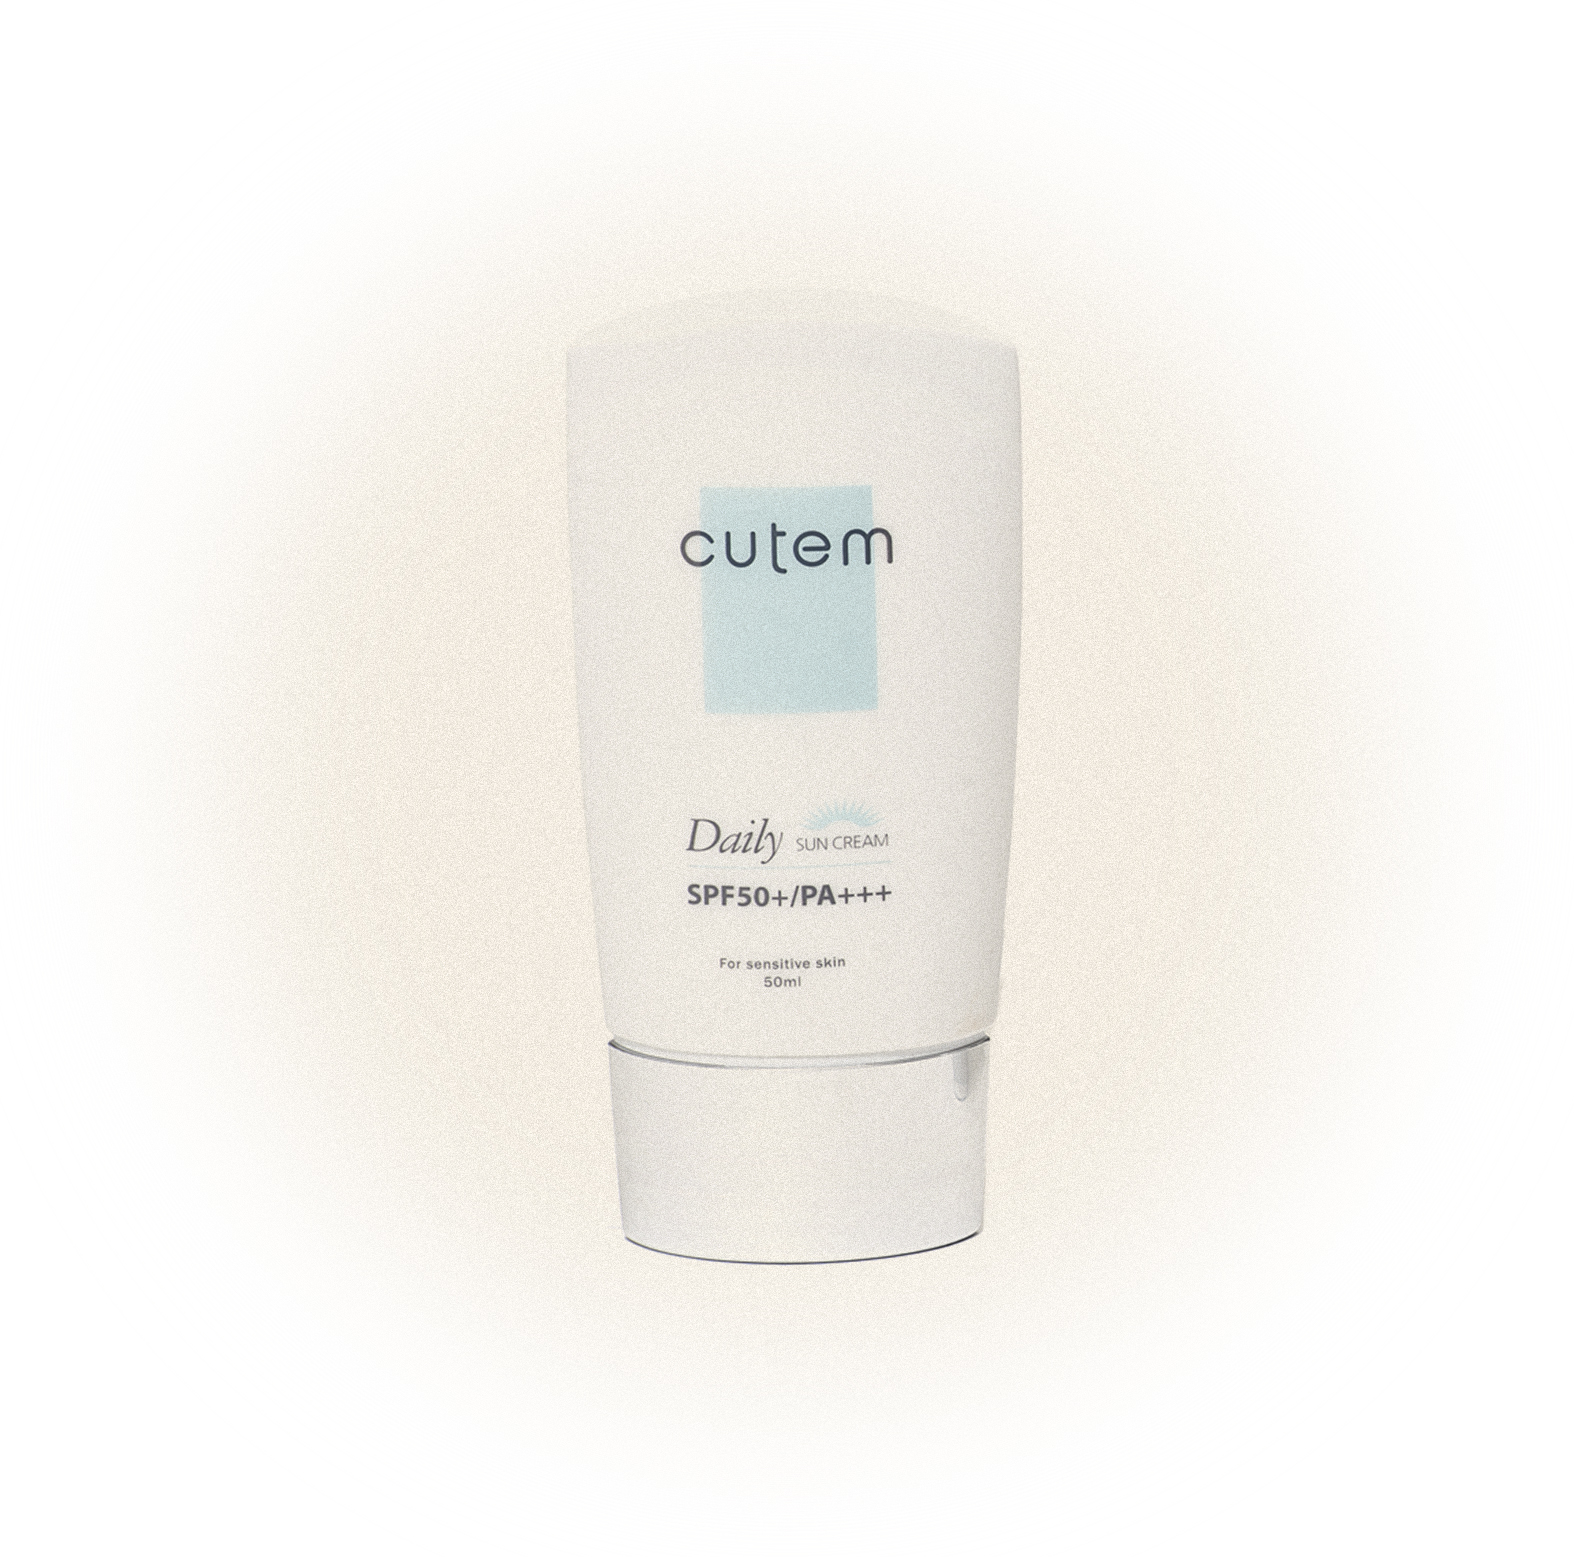 Daily Sun Cream SPF 50+ PA+++, Cutem